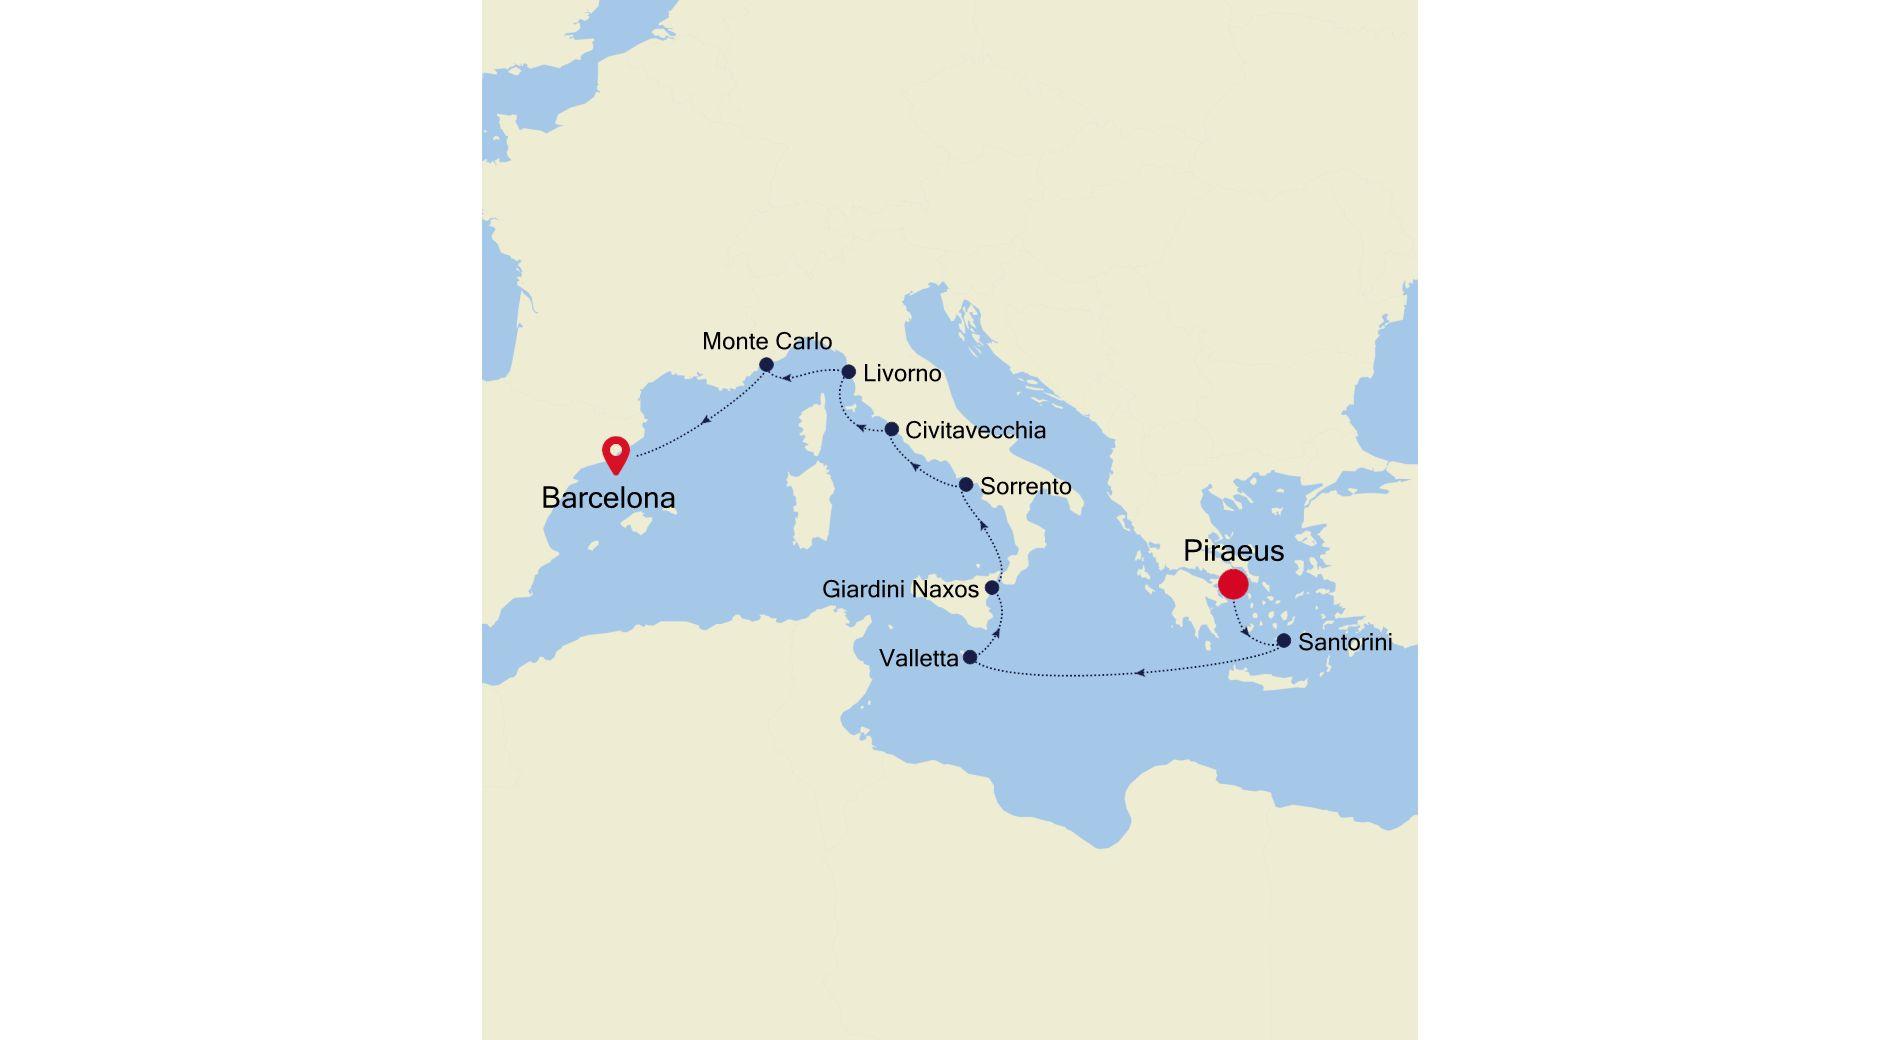 DA211013010 - Piraeus nach Barcelona